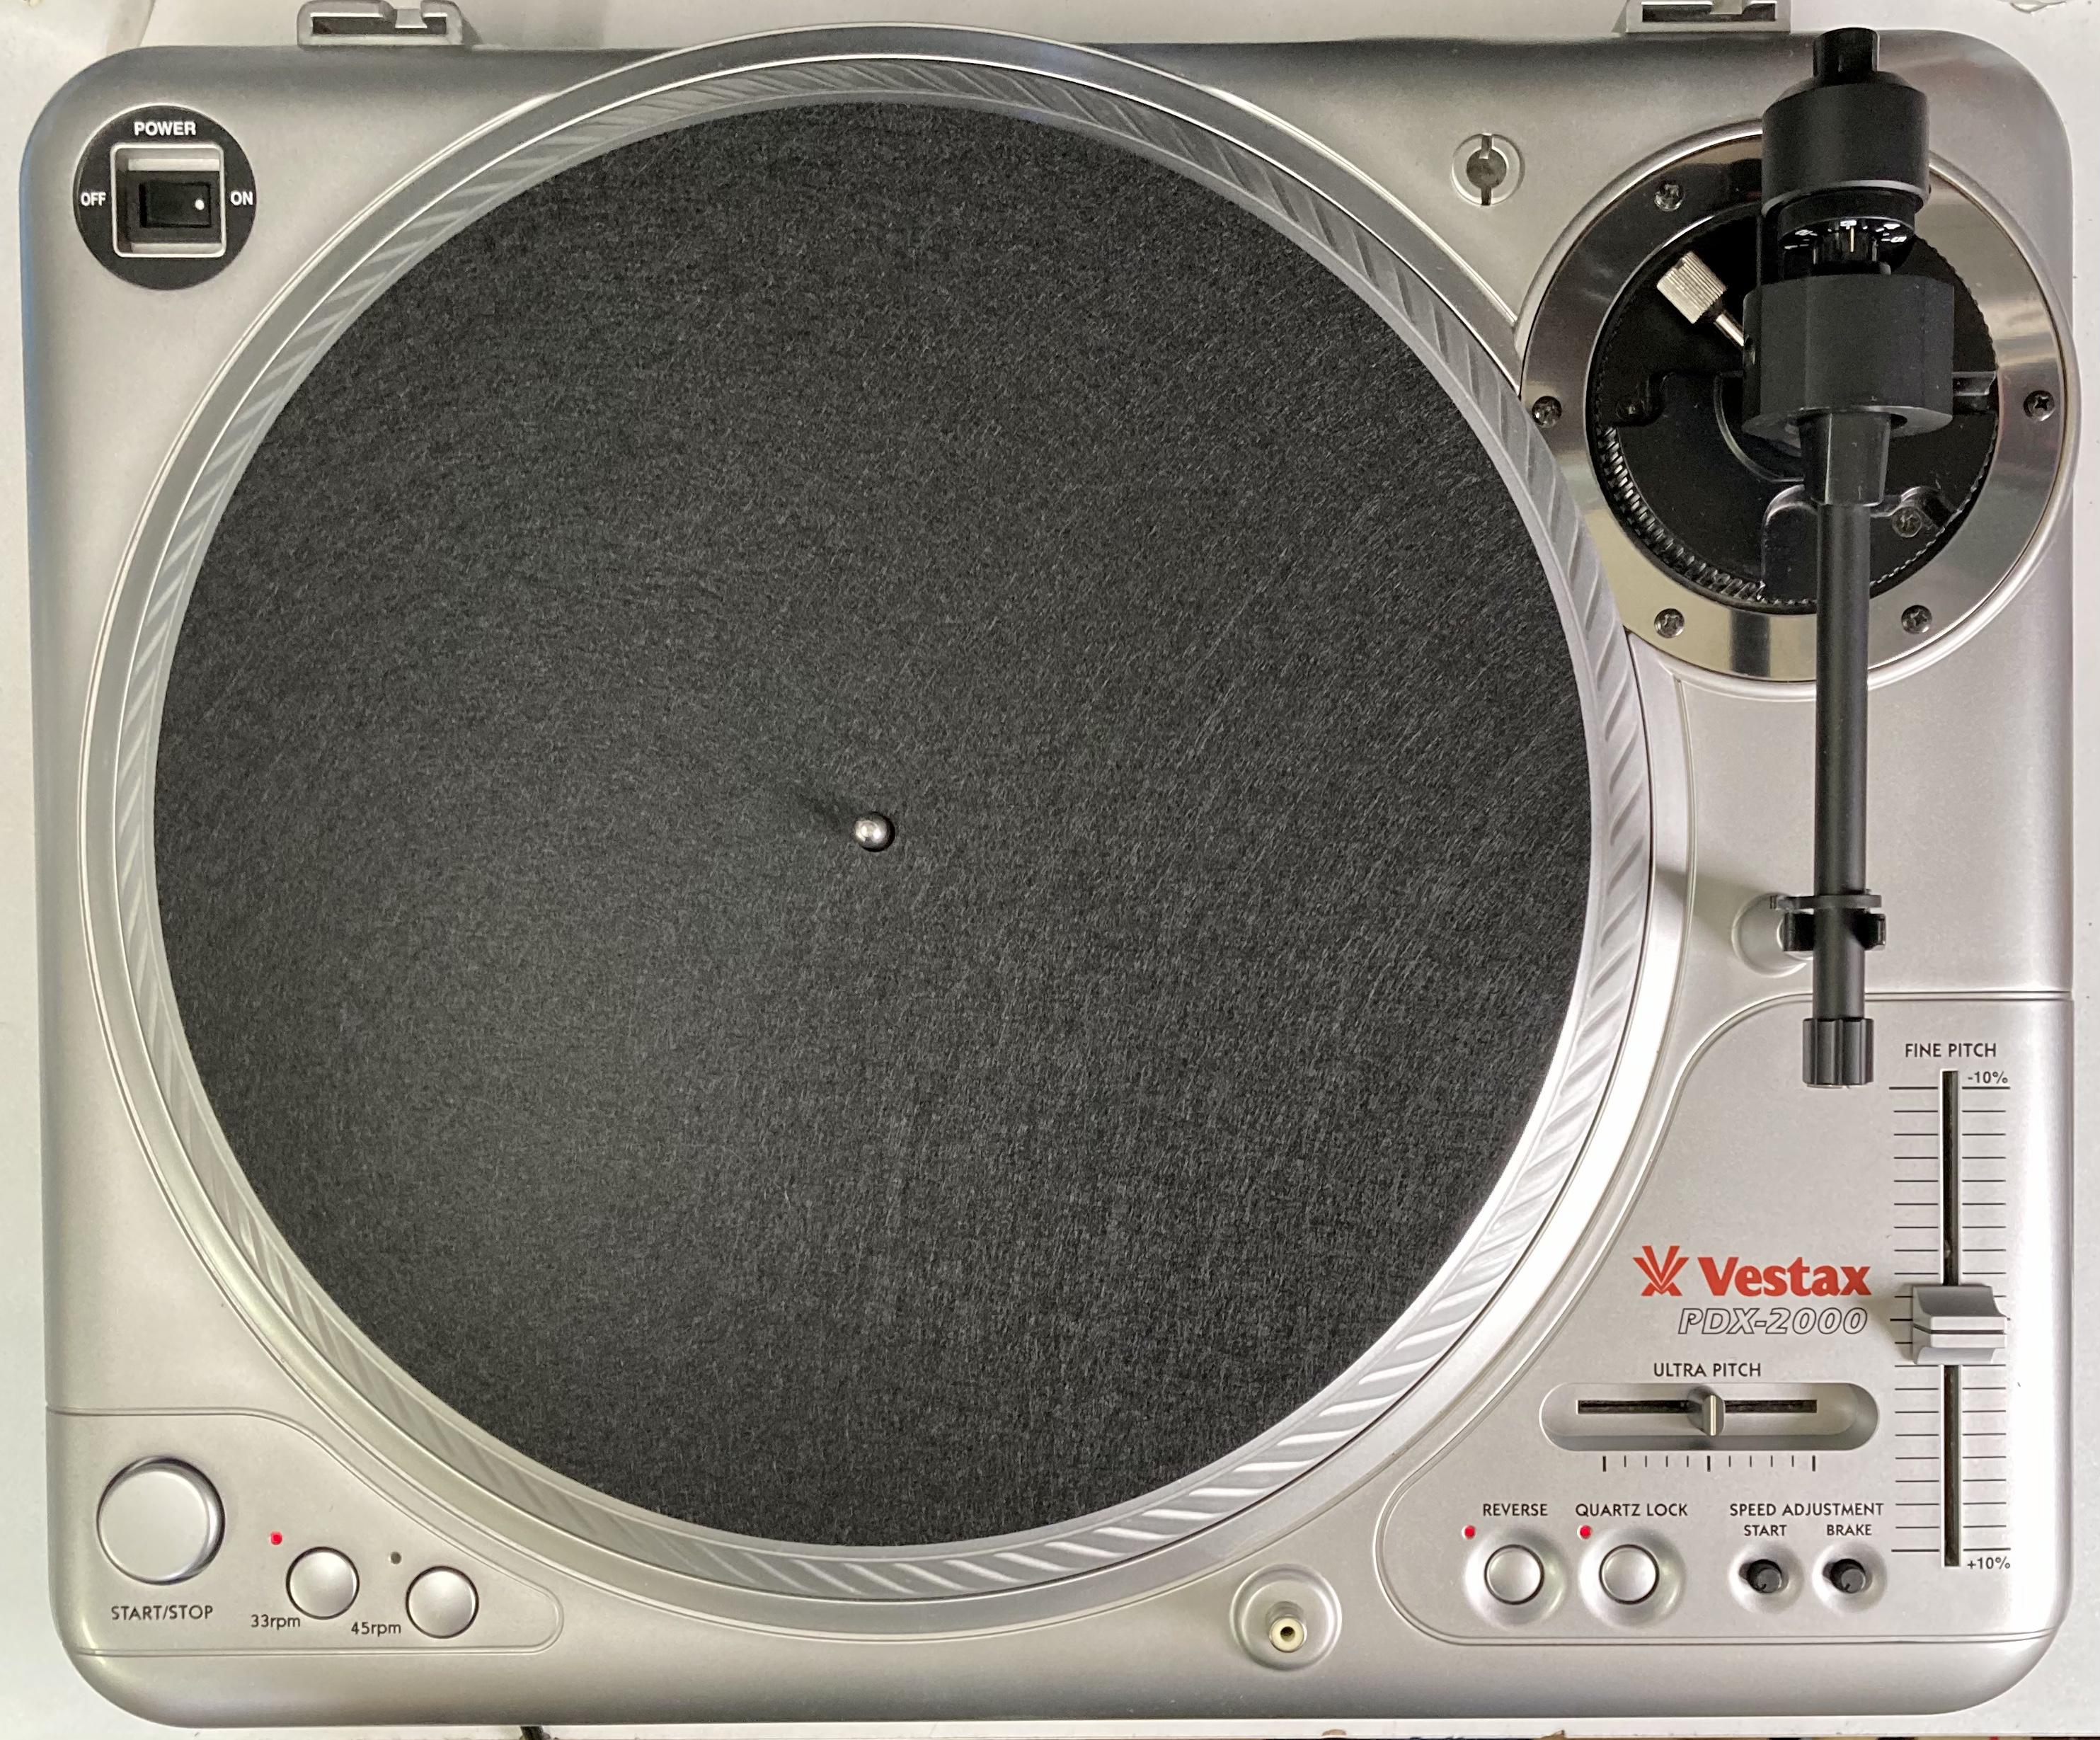 [安心のメンテナンス/カスタム済USED] Vestax PDX-2000 シルバー(インシュレーター改善品) 【6ヶ月保証付き】 TT-0088